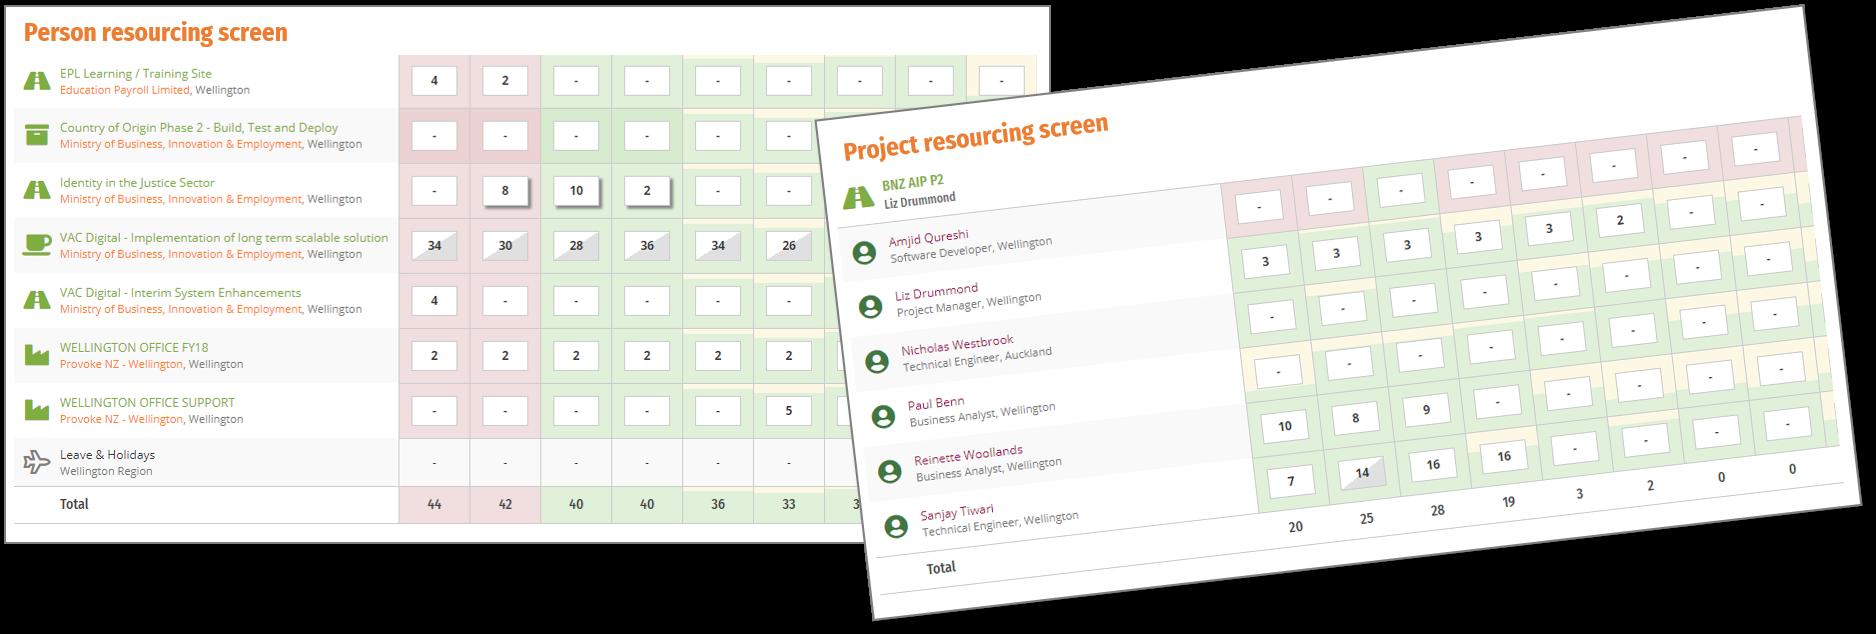 Resourcing screen updated